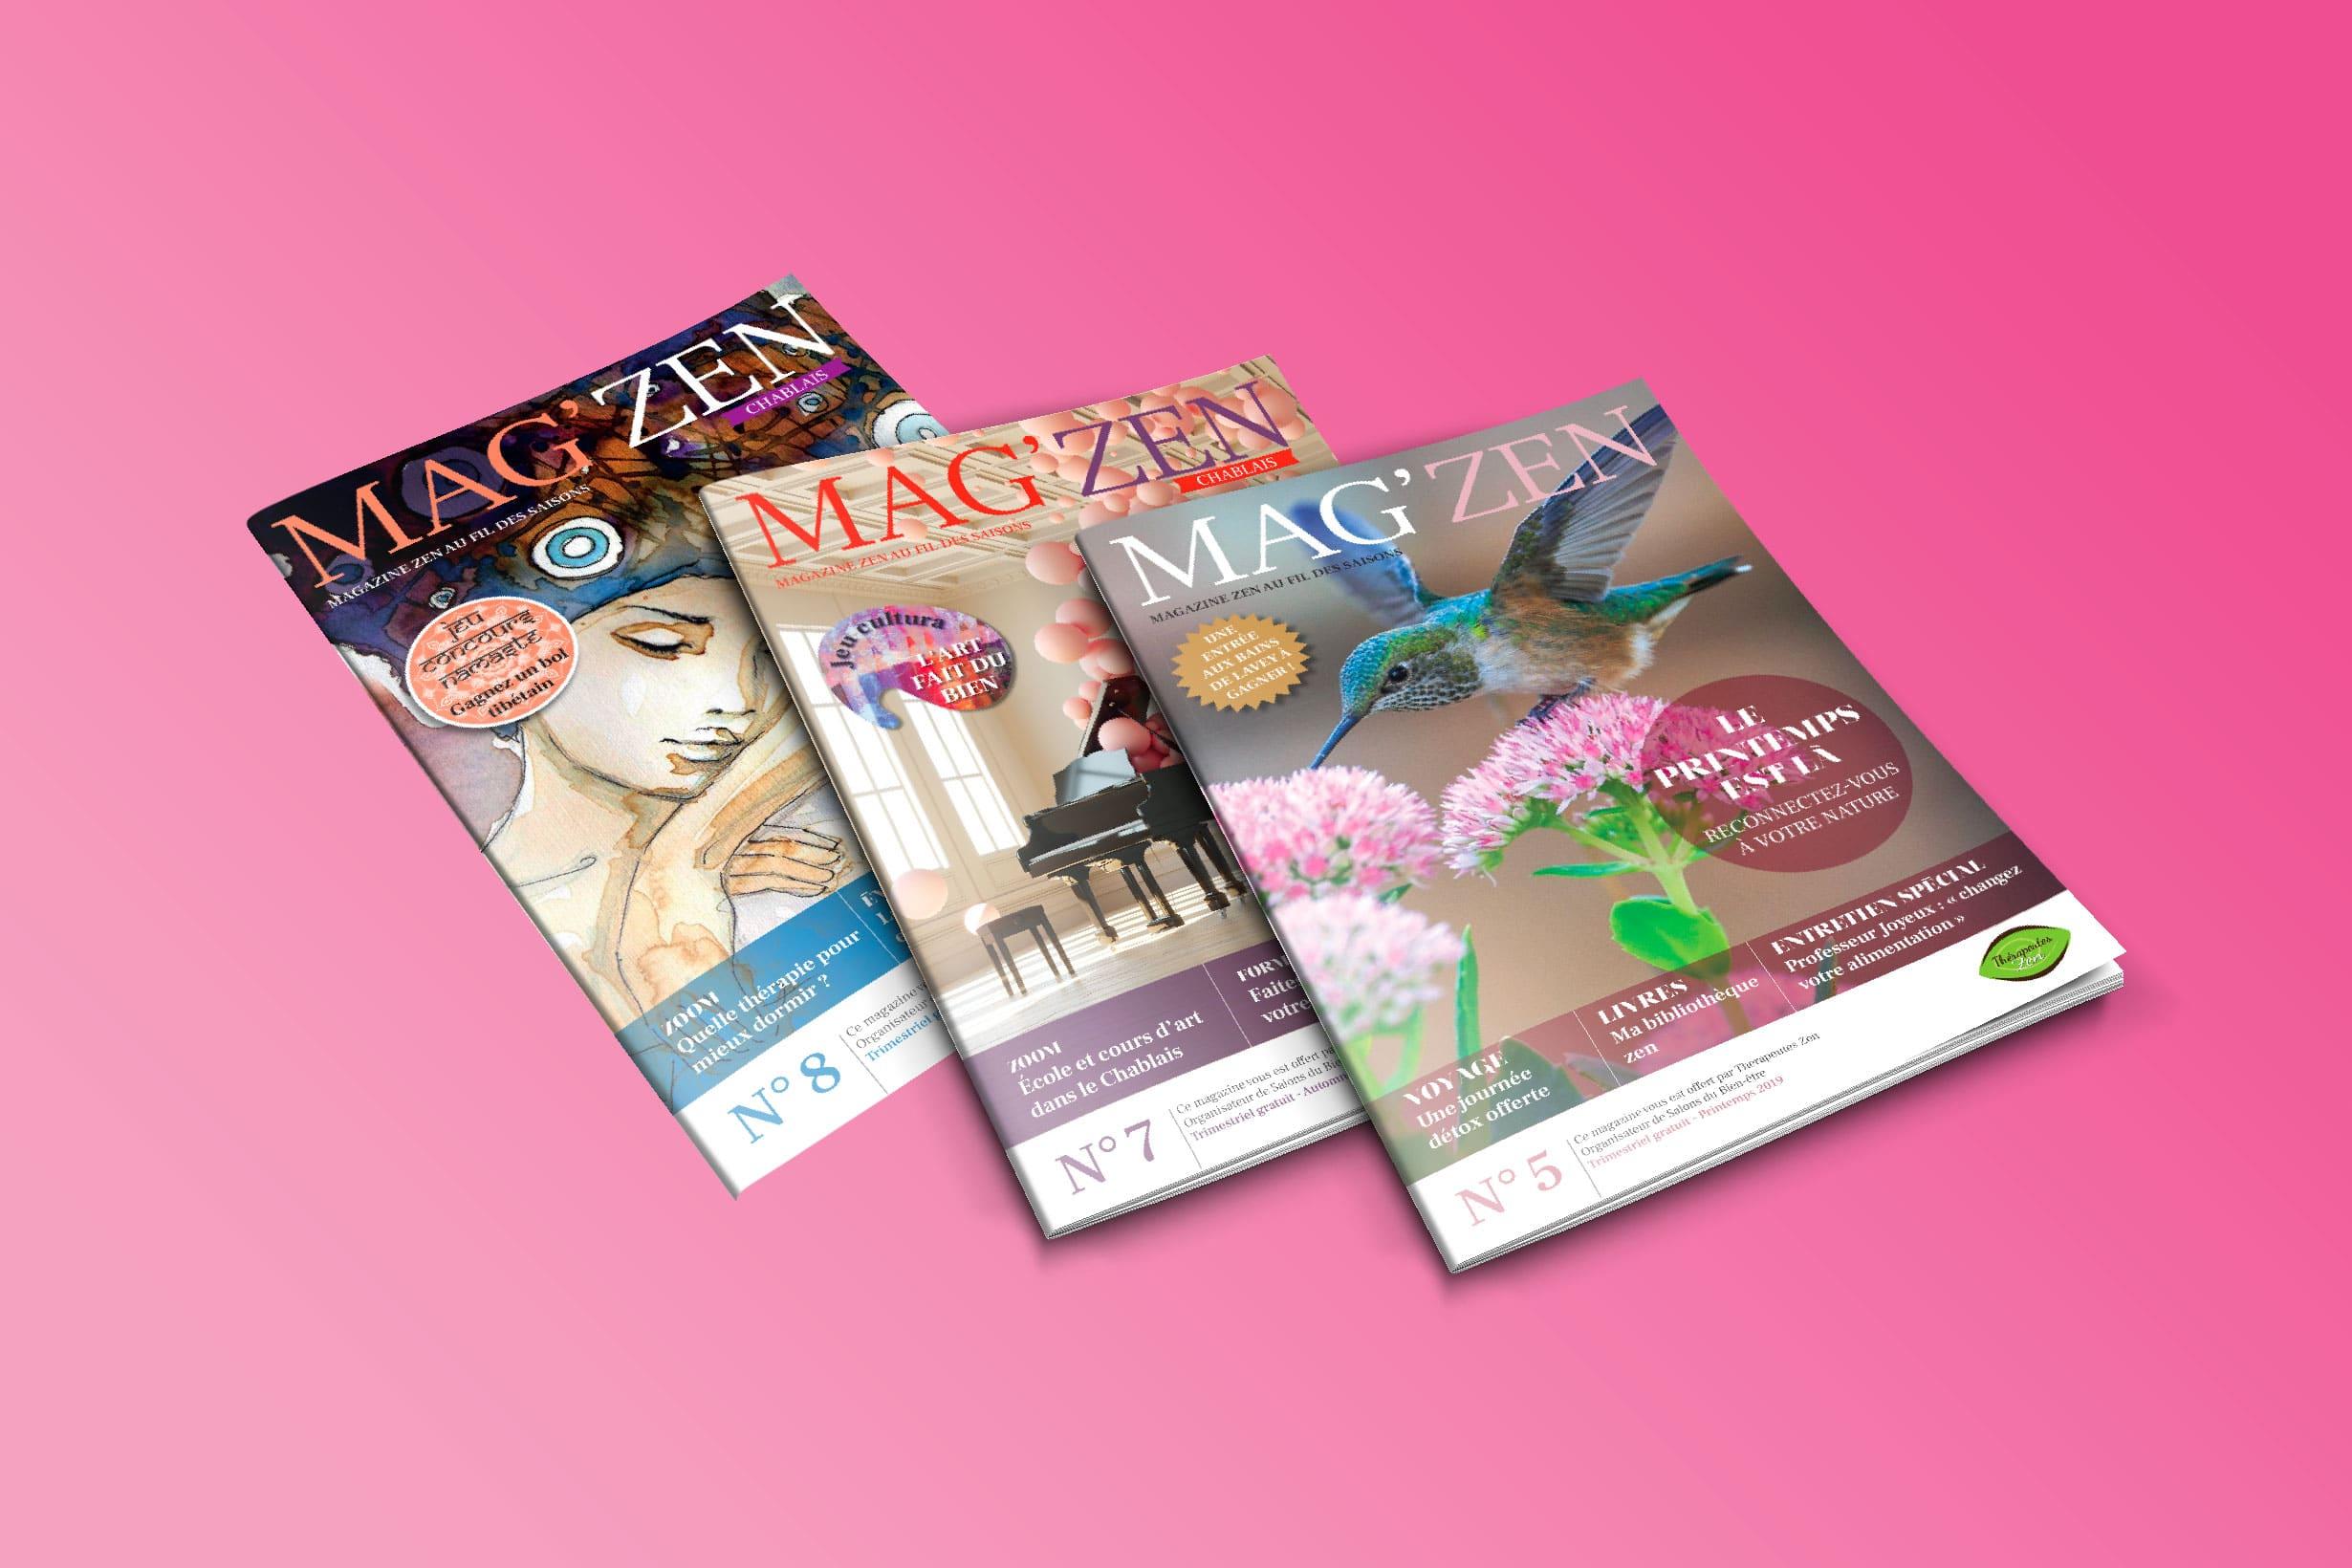 Magazine-magzen